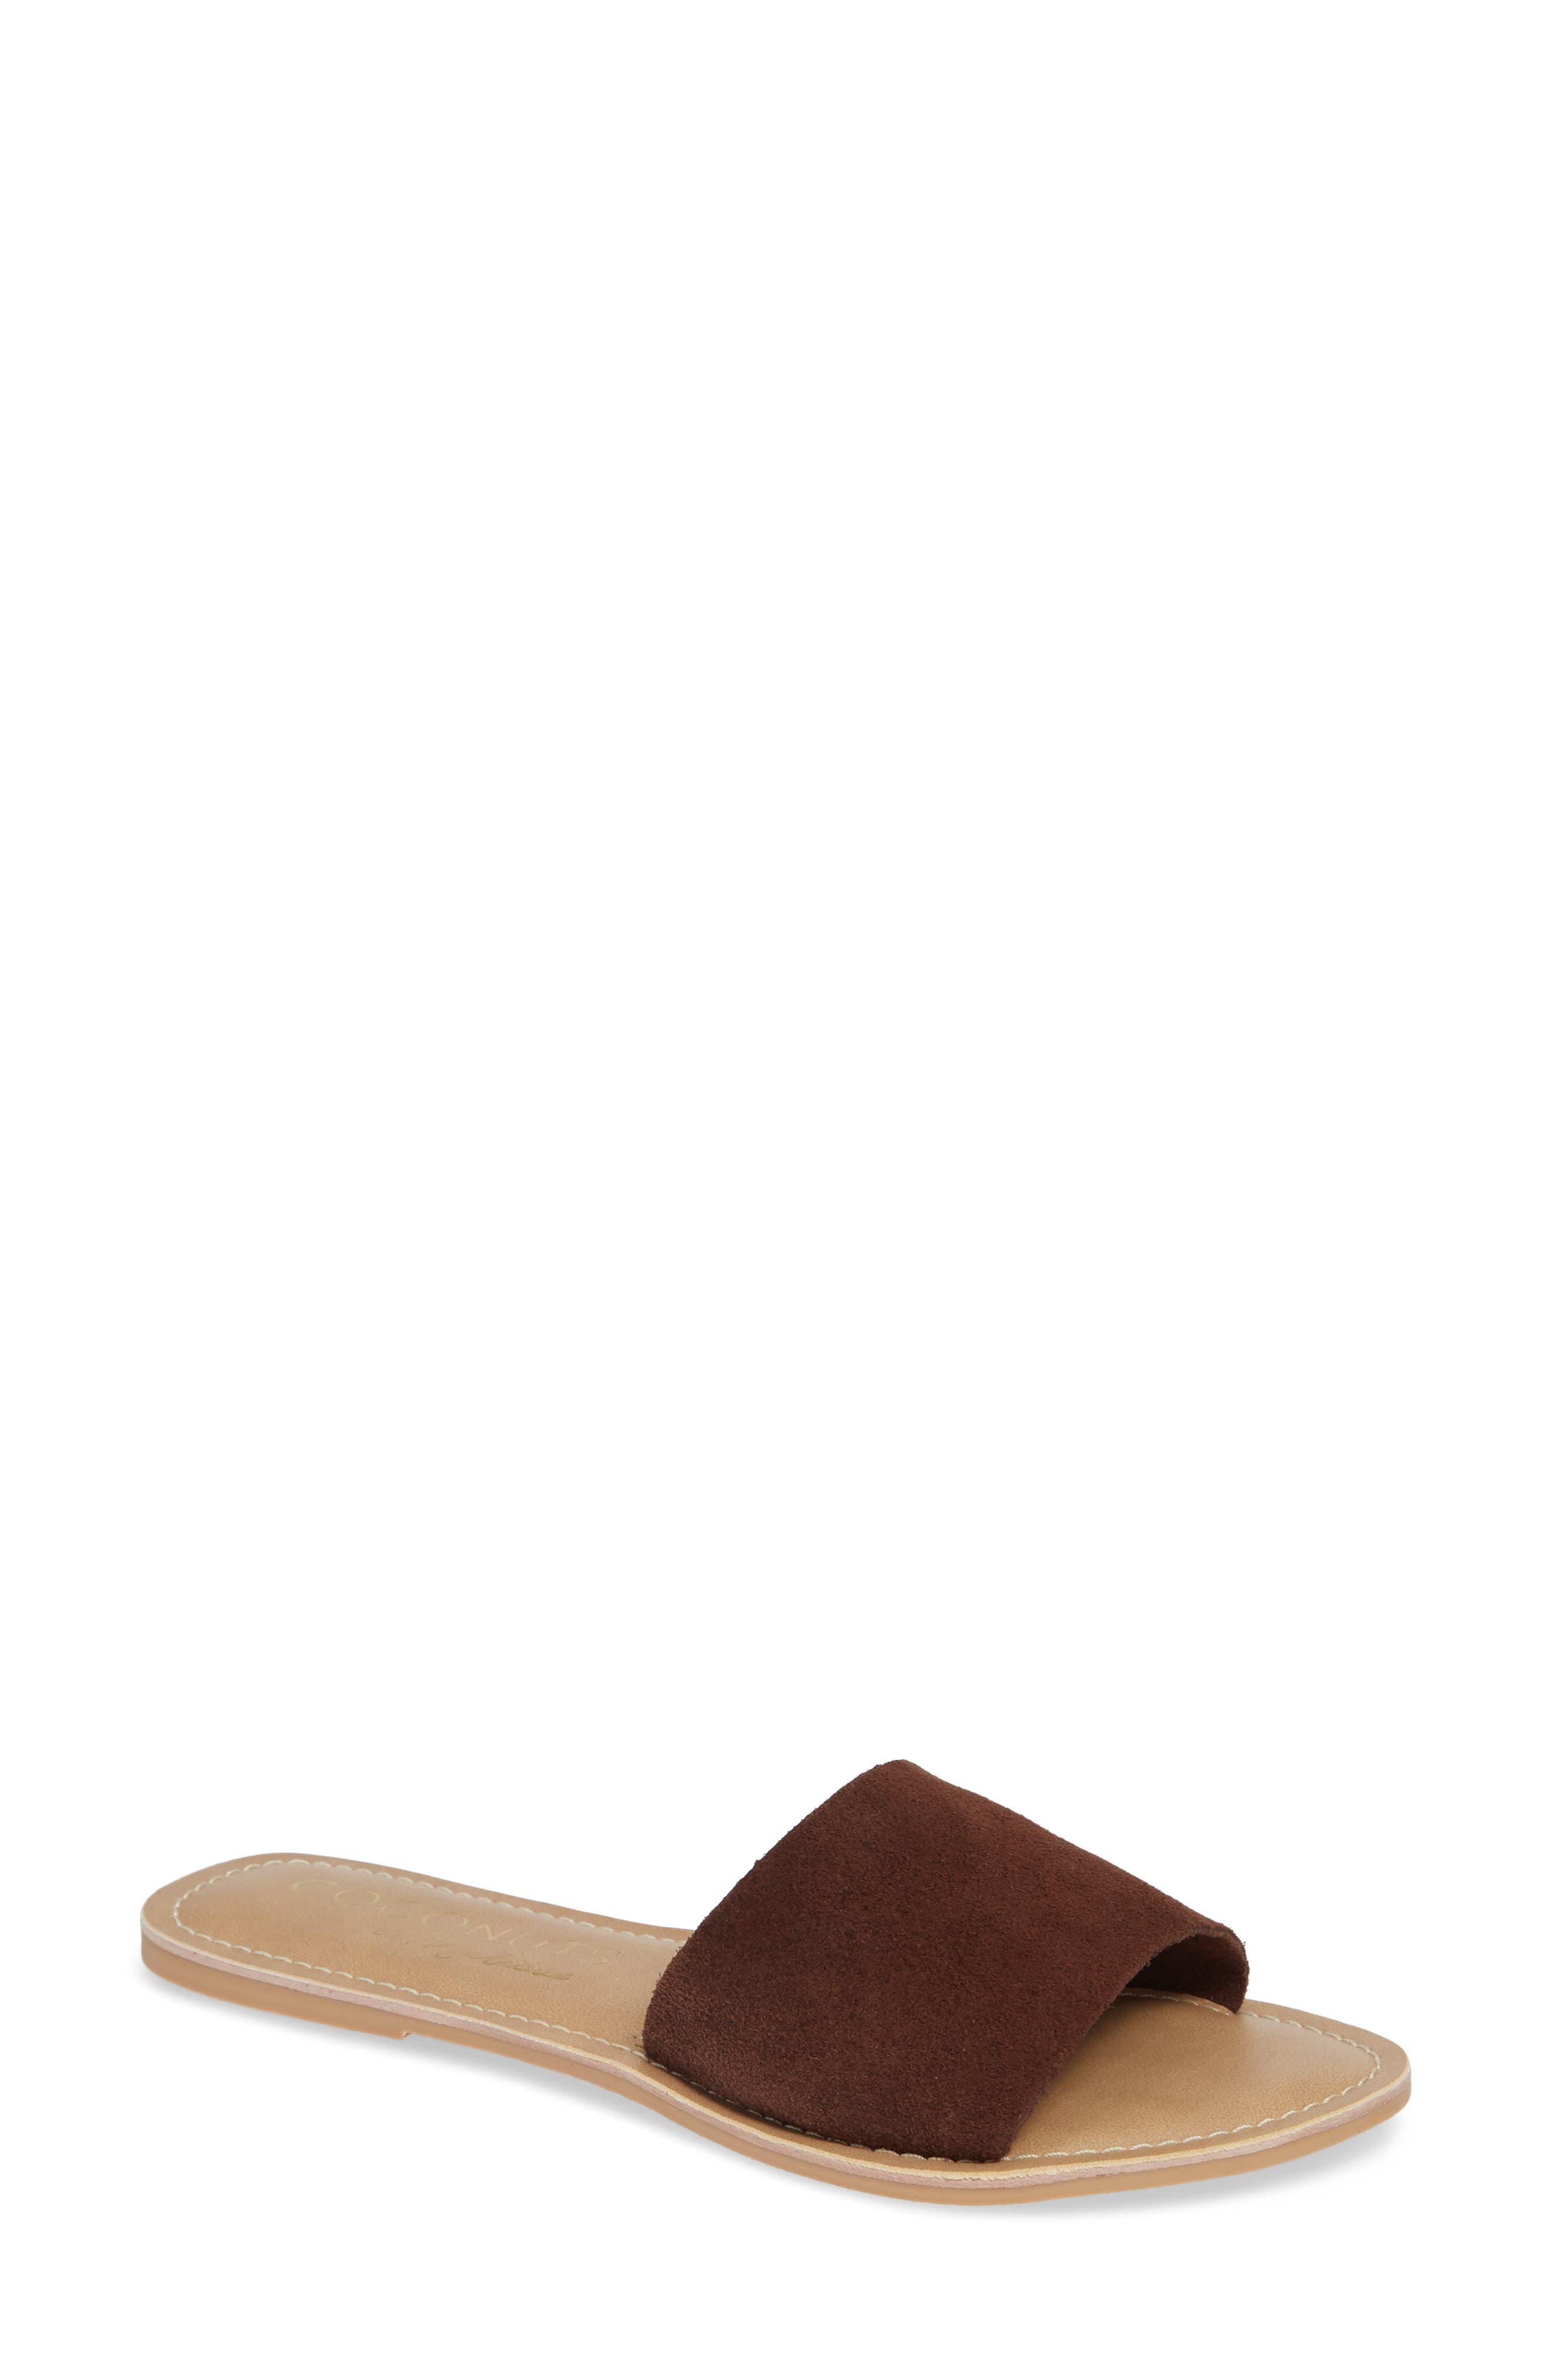 3456ea91afd Coconuts By Matisse Cabana Slide Sandal